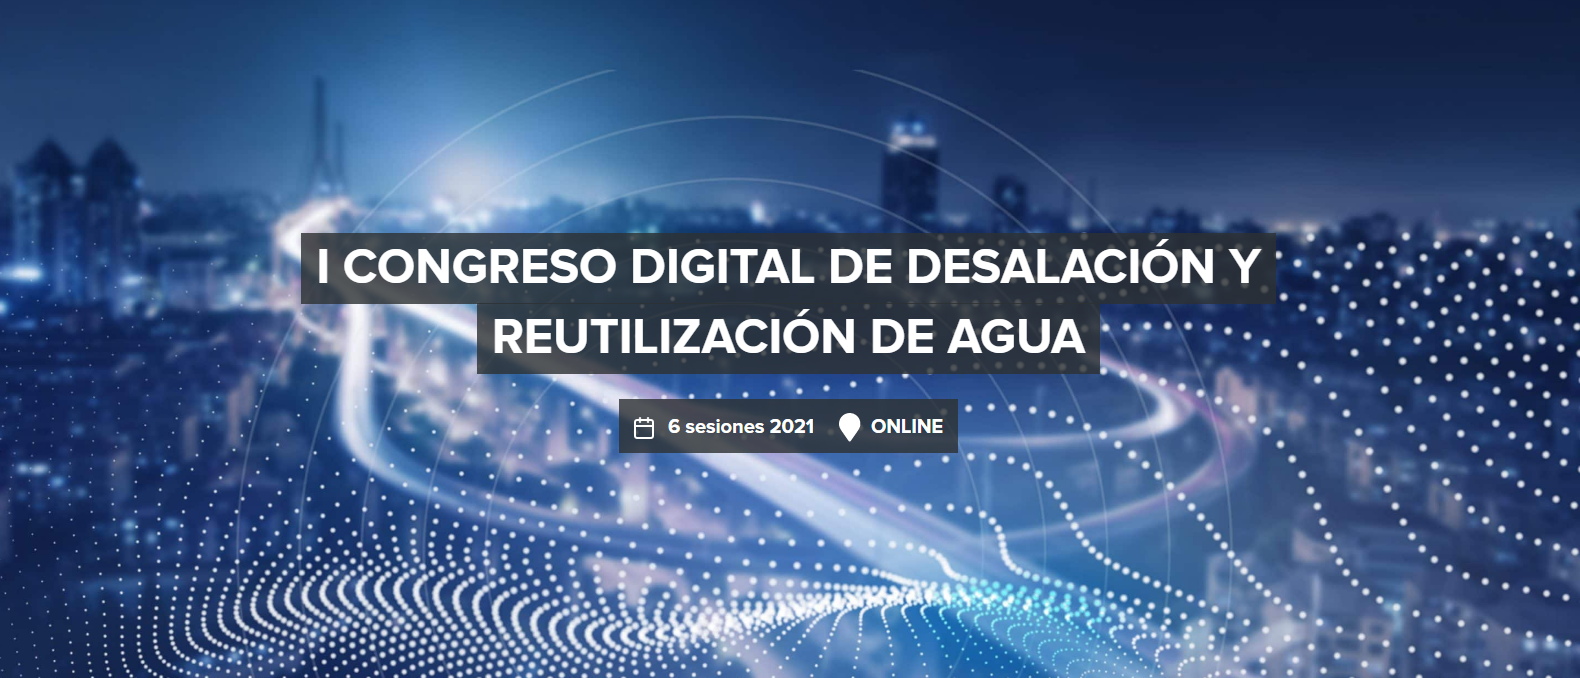 I CONGRESO DIGITAL DE DESALACIÓN Y REUTILIZACIÓN DE AGUA